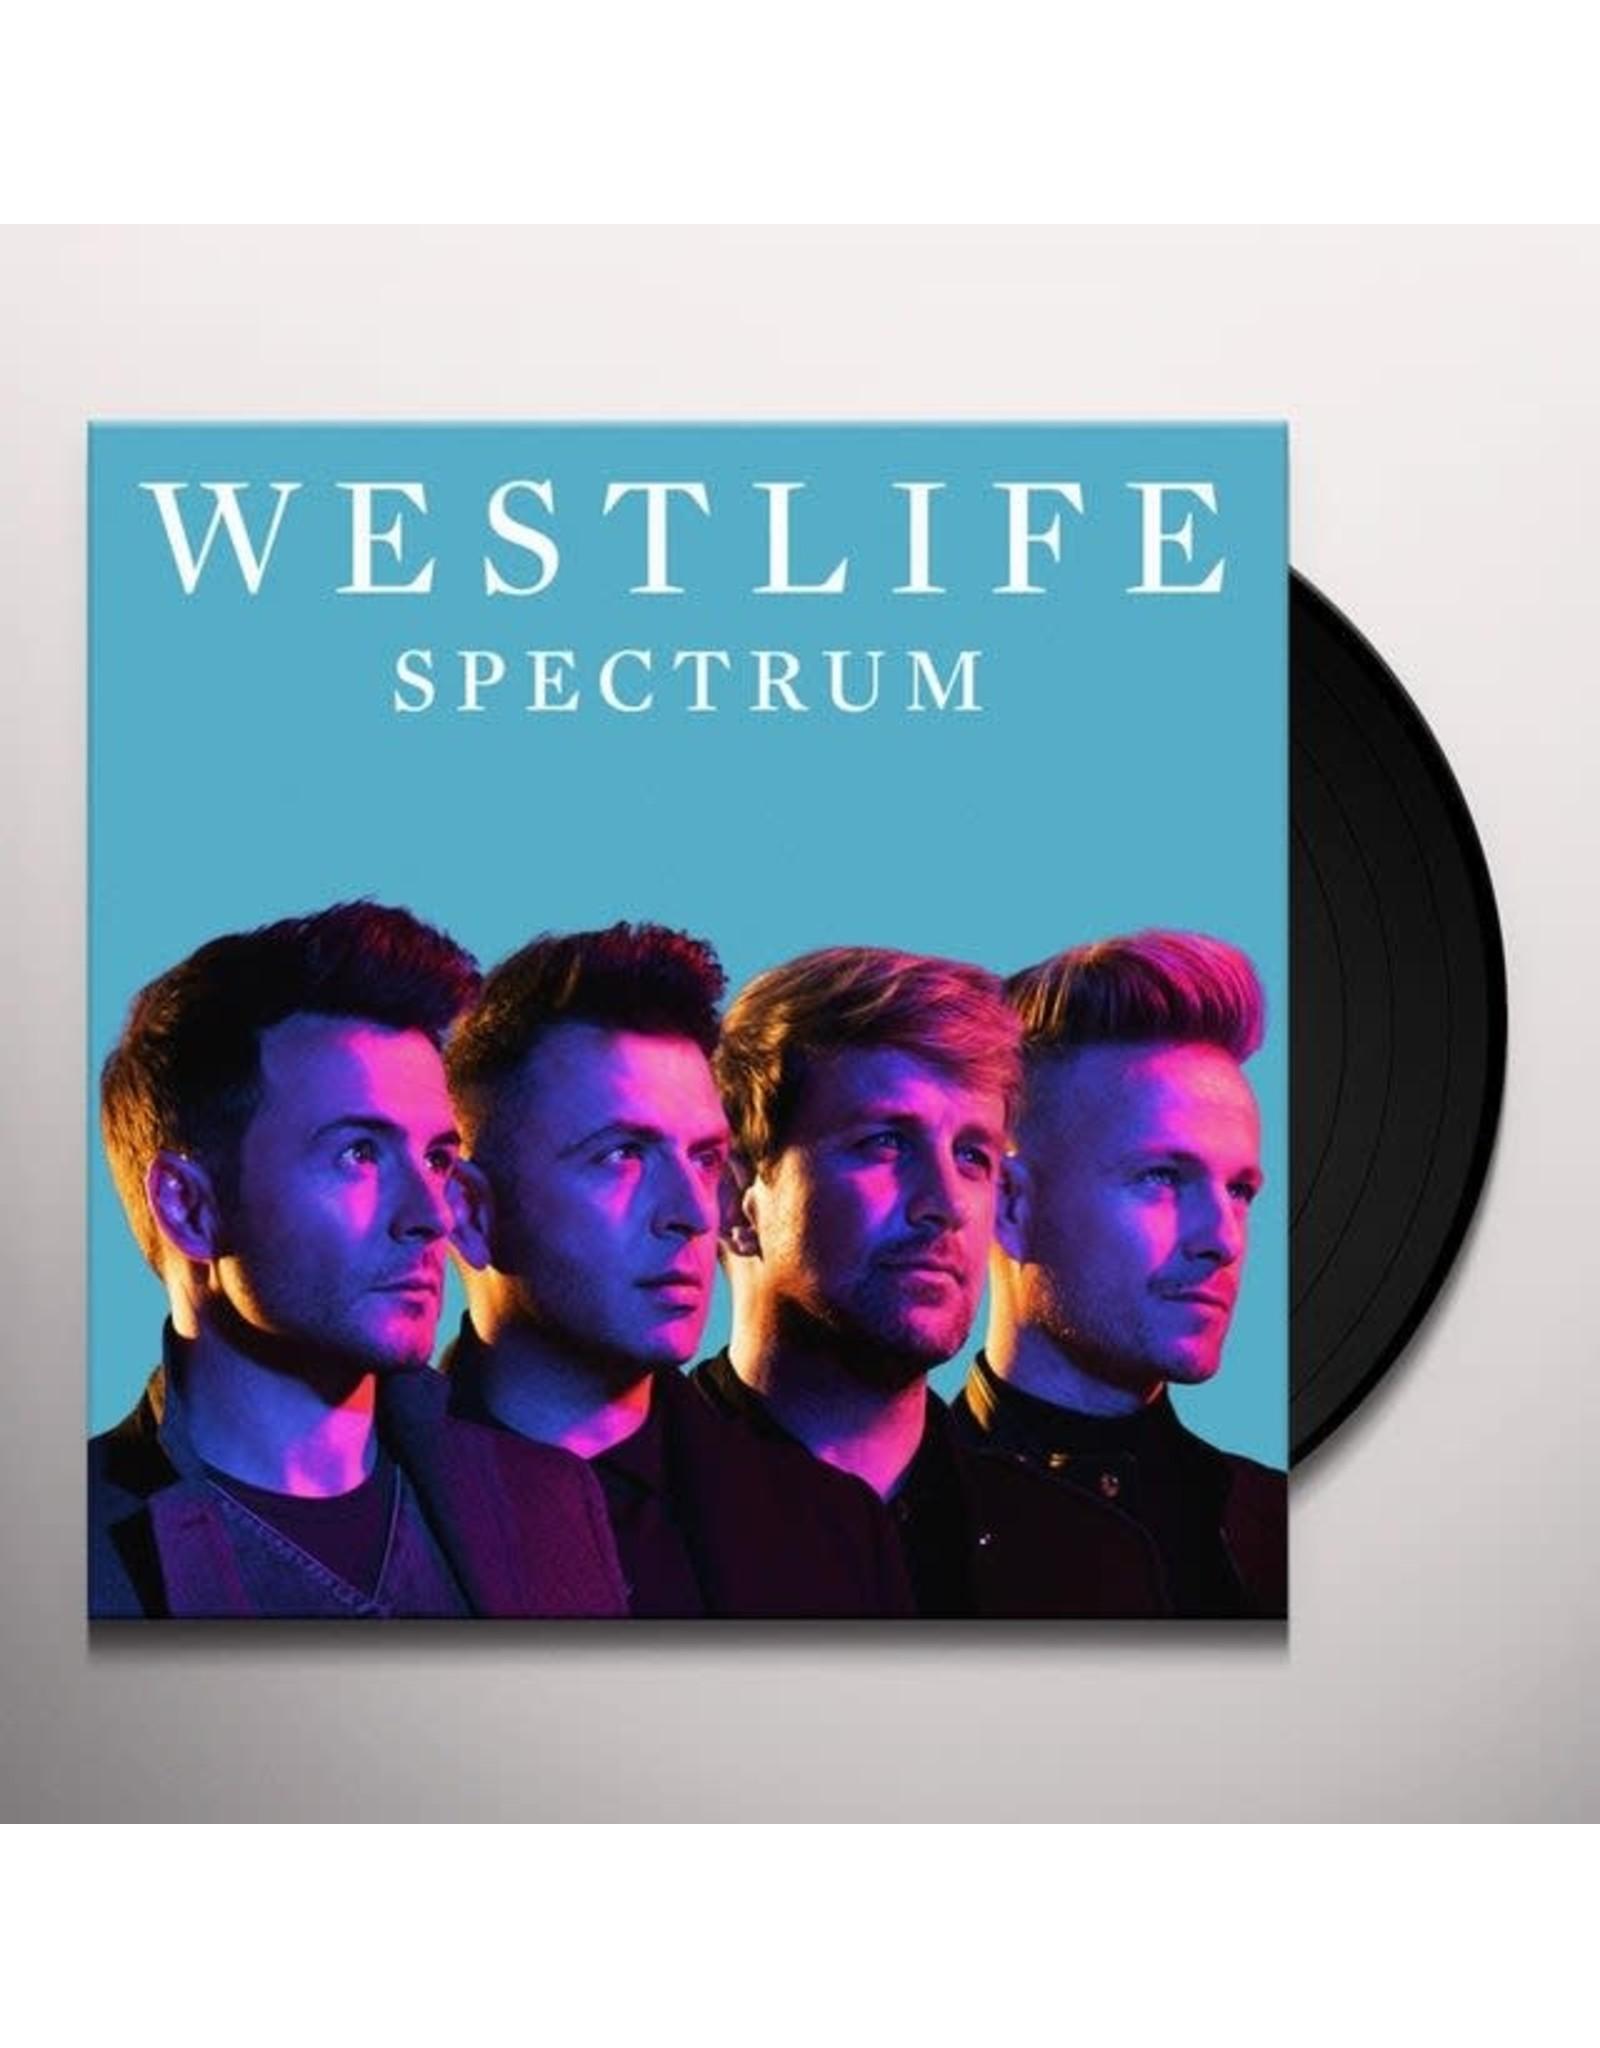 Westlife - Spectrum LP